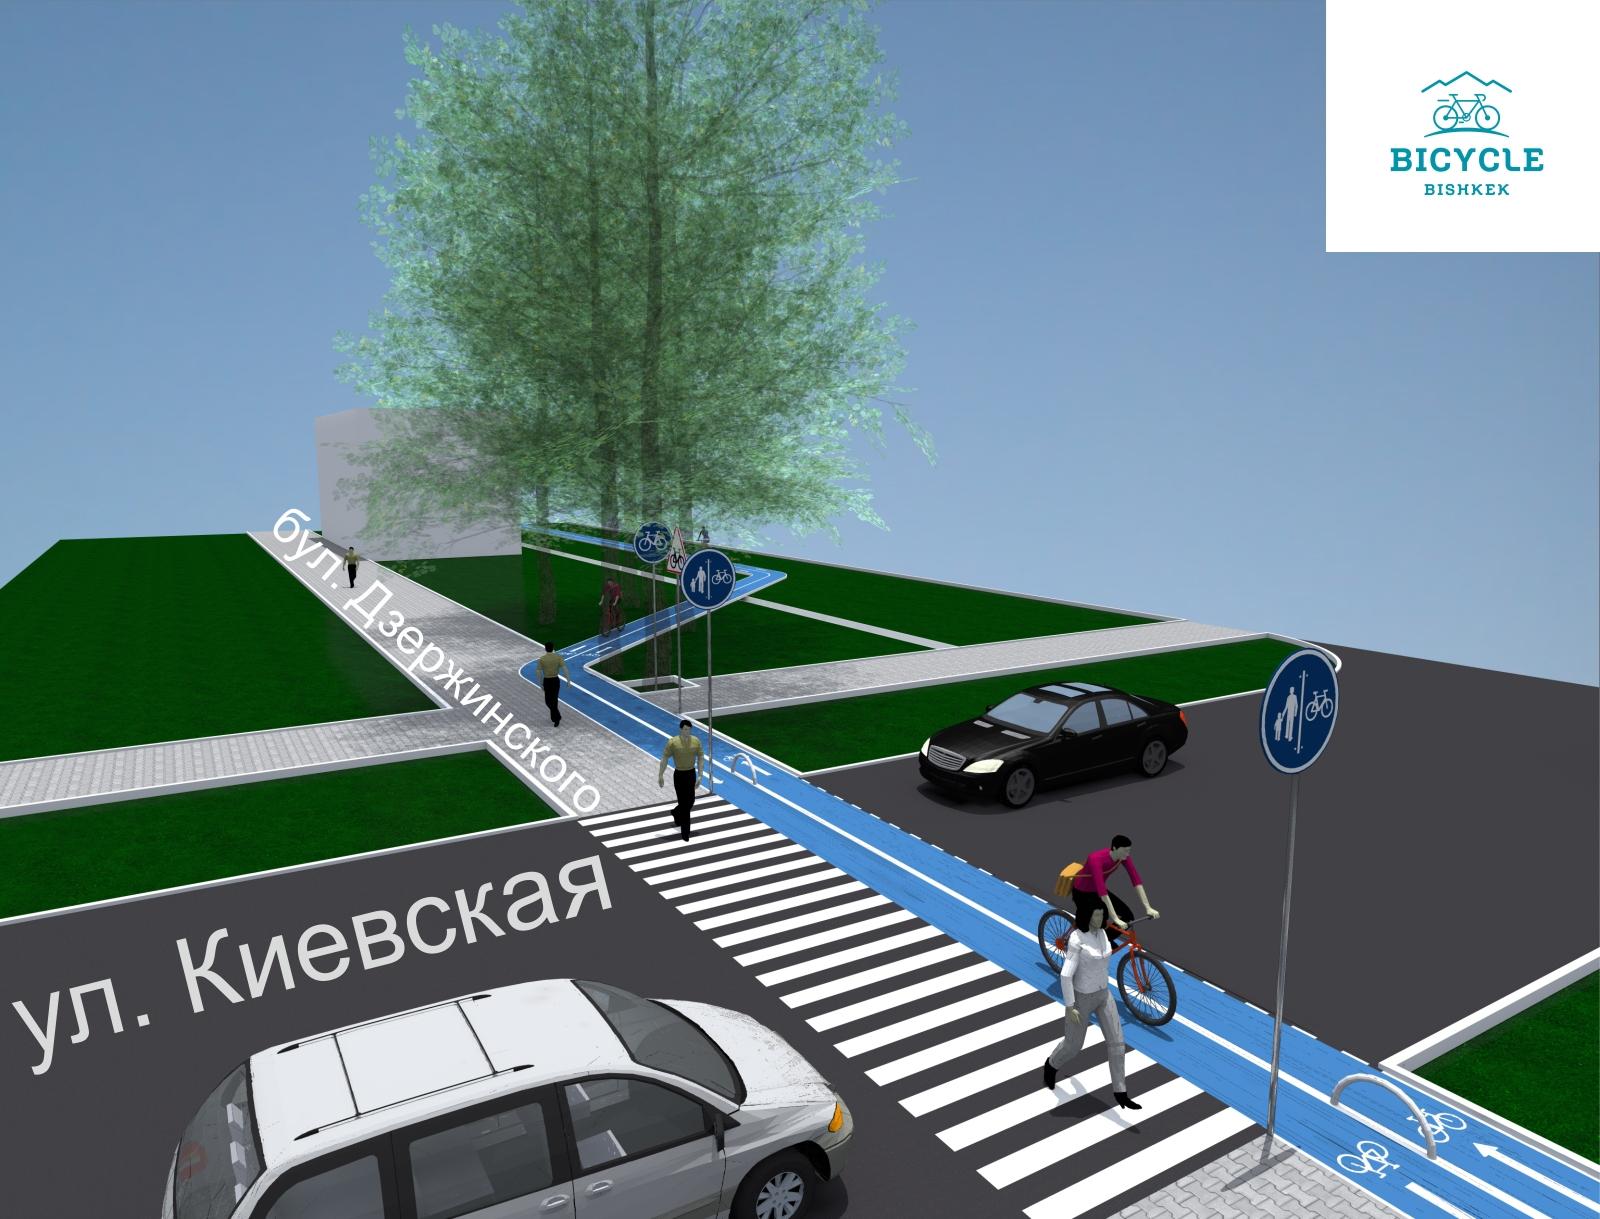 Пересечение улицы Киевская и бульвара Эркиндик.